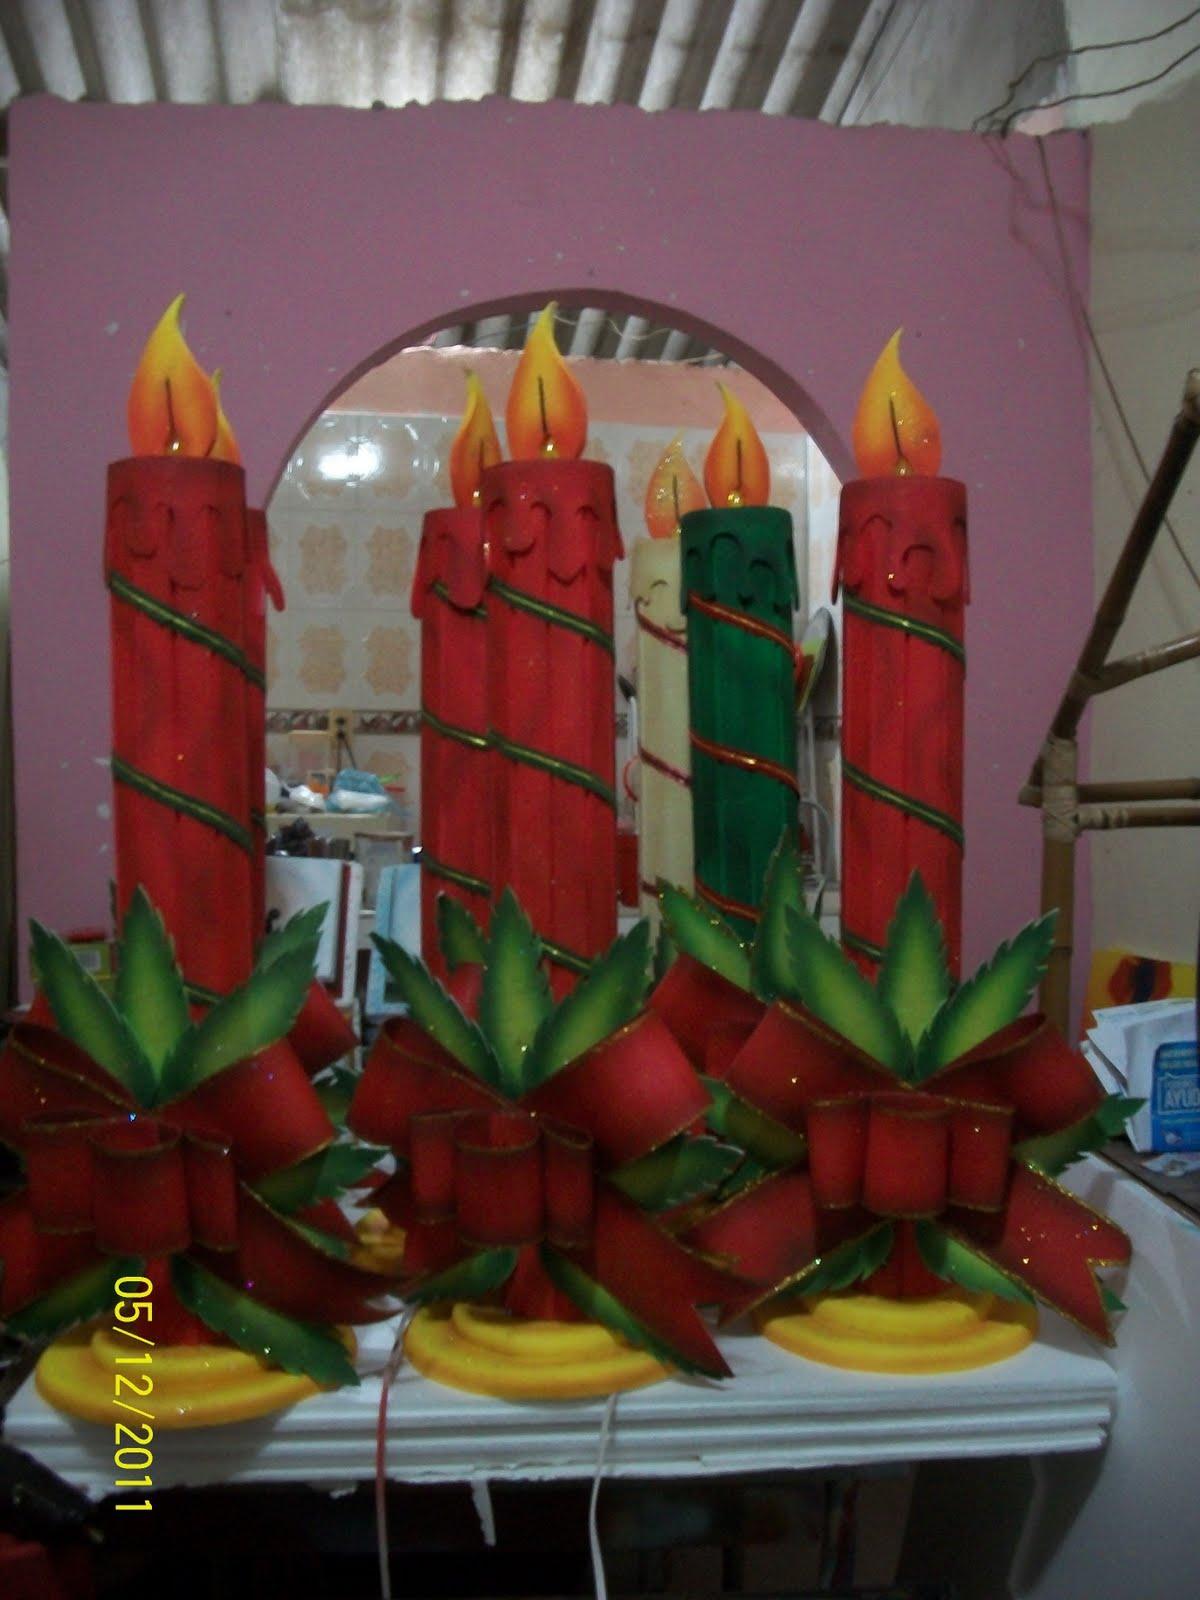 Hotels In Tampa >> Decoraciones, apliques de carnaval, navideños en icopor y moldes!: ADORNOS NAVIDEÑOS